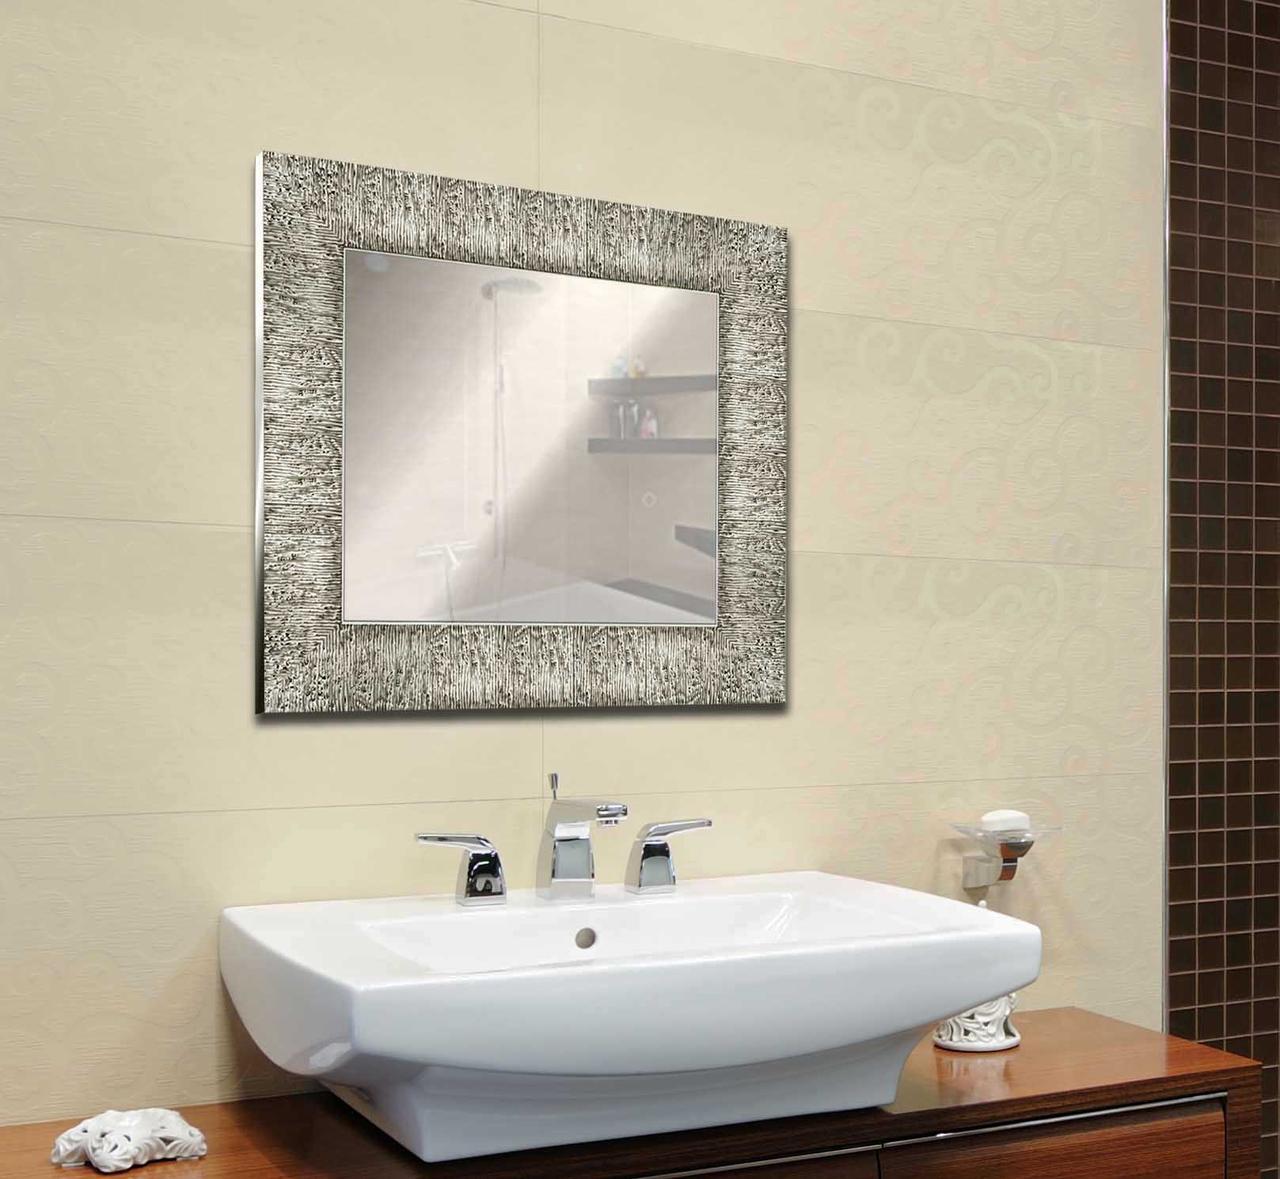 Зеркало настенное в раме Factura Steel textured 48.5х52 см стальное